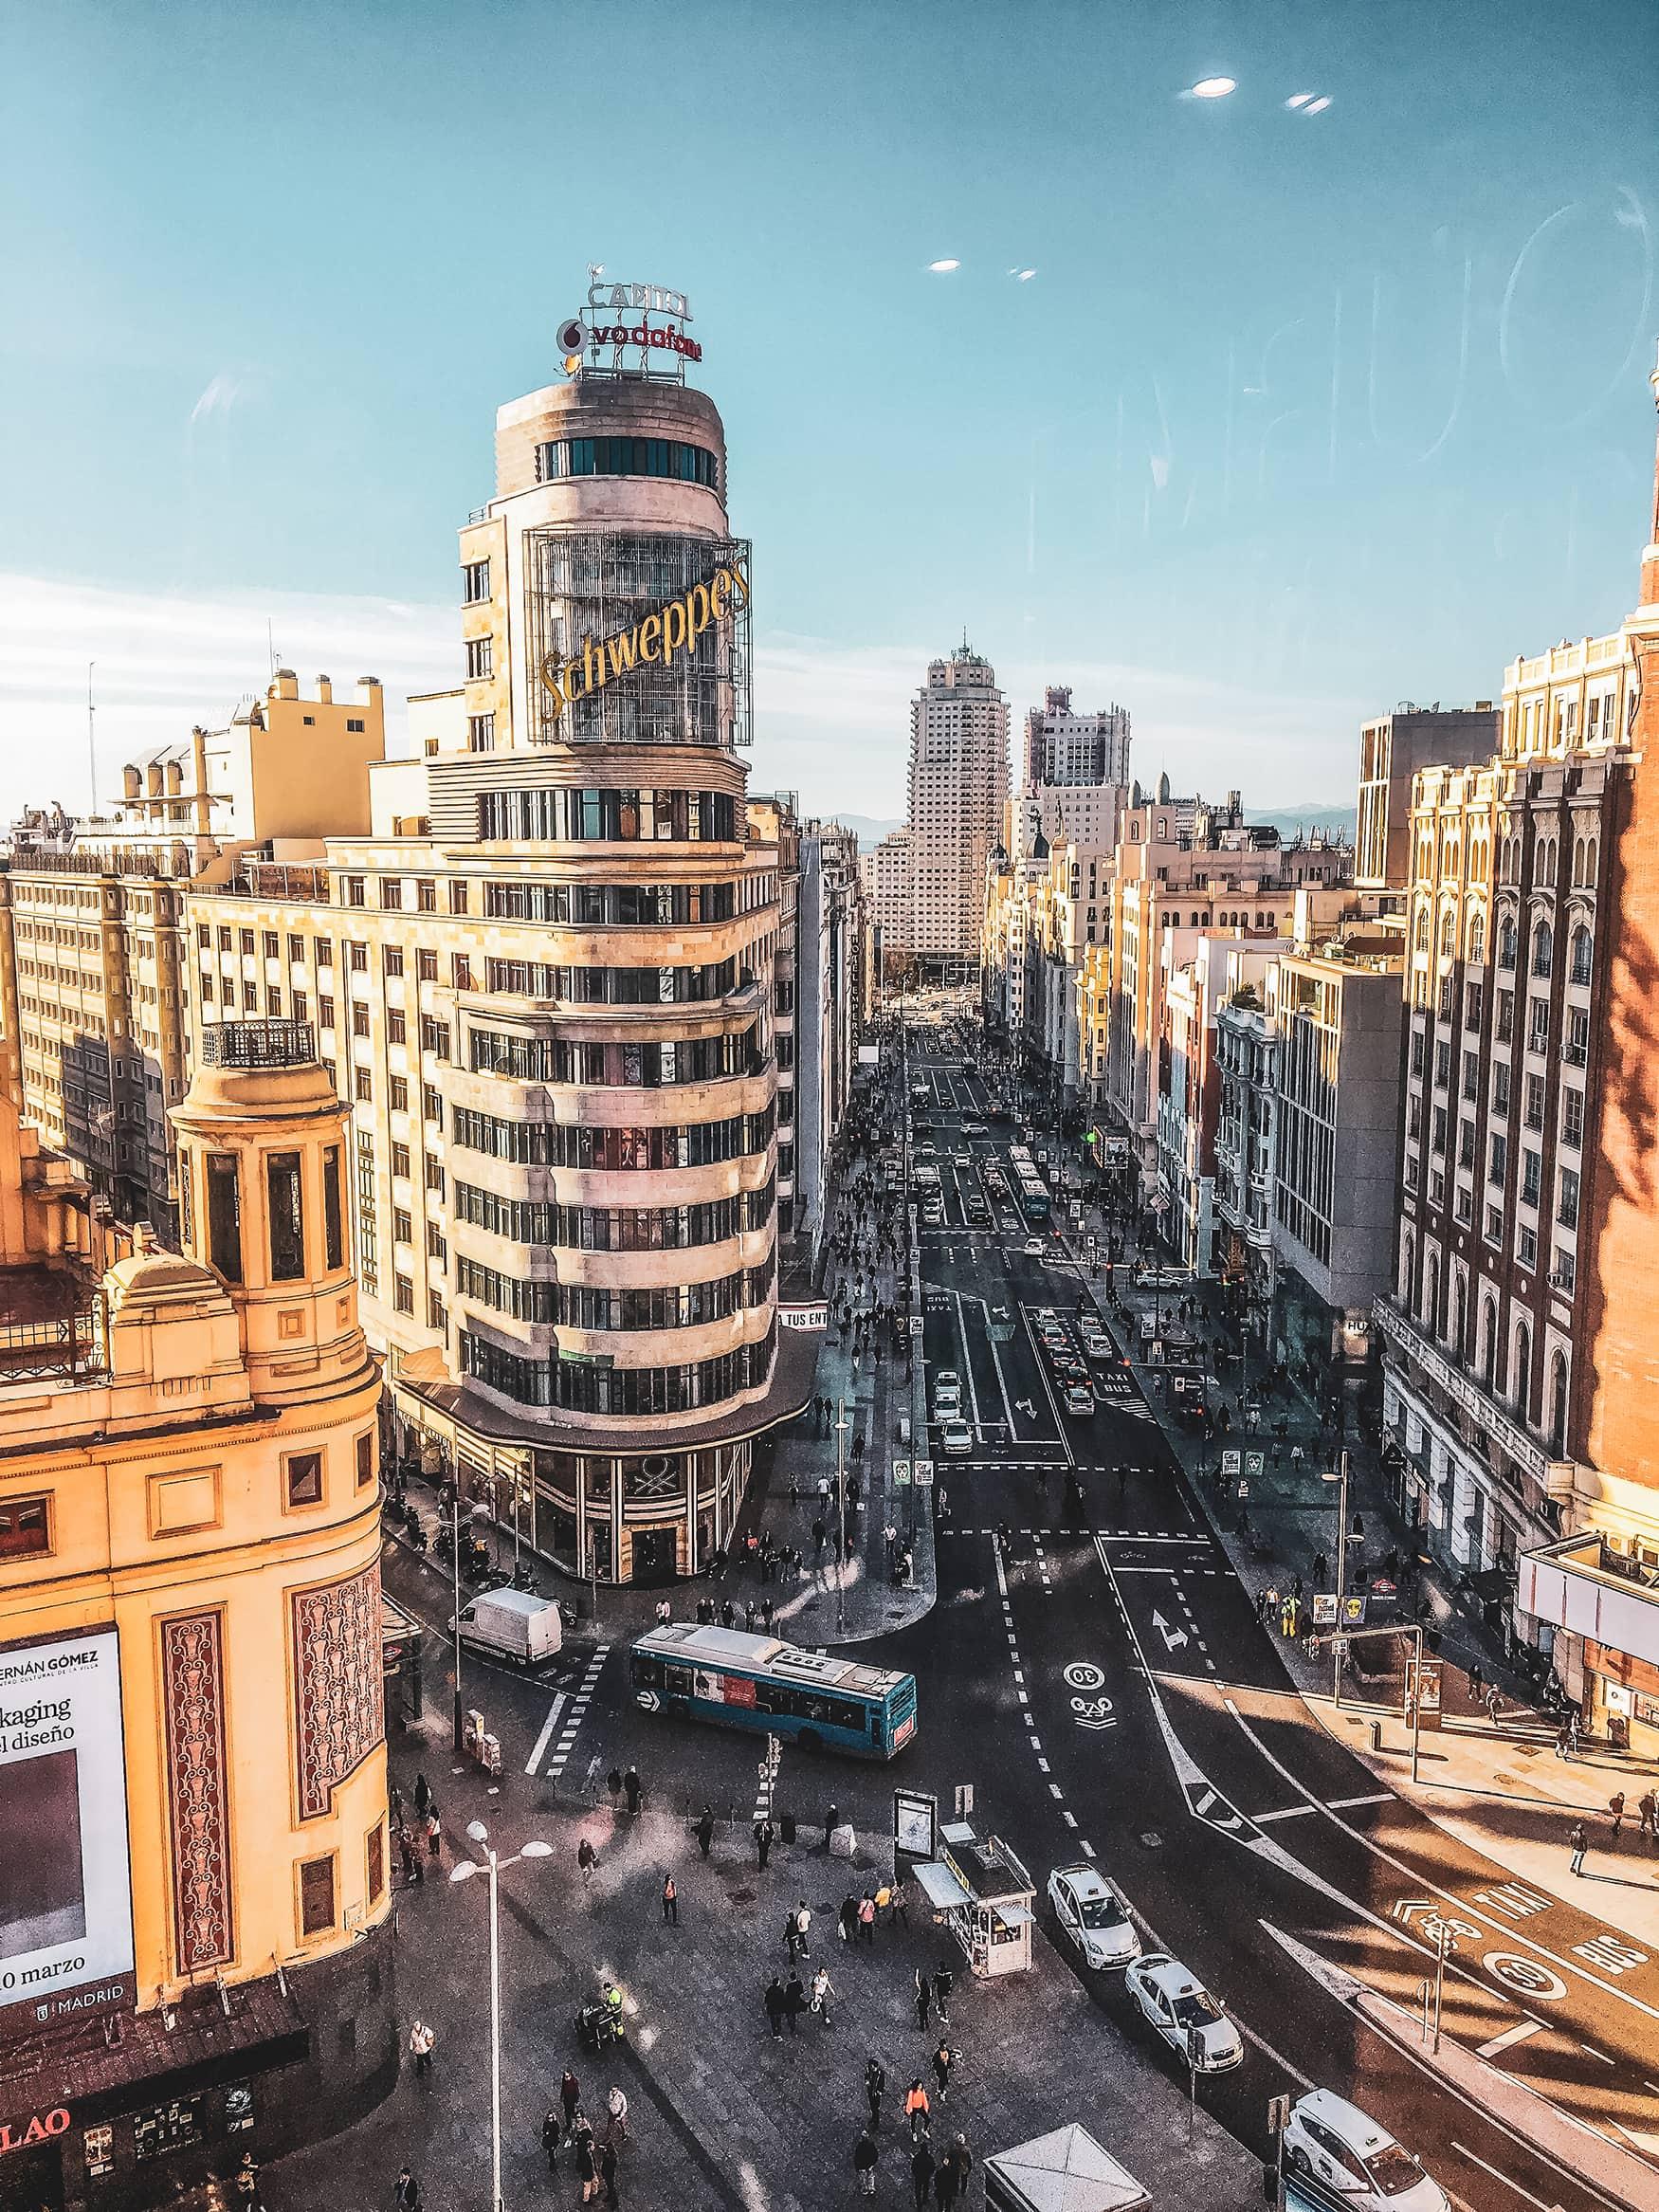 Instagram-Motiv Nummer 1 in Madrid: Das Schweppes-Gebäude an der Gran Vía